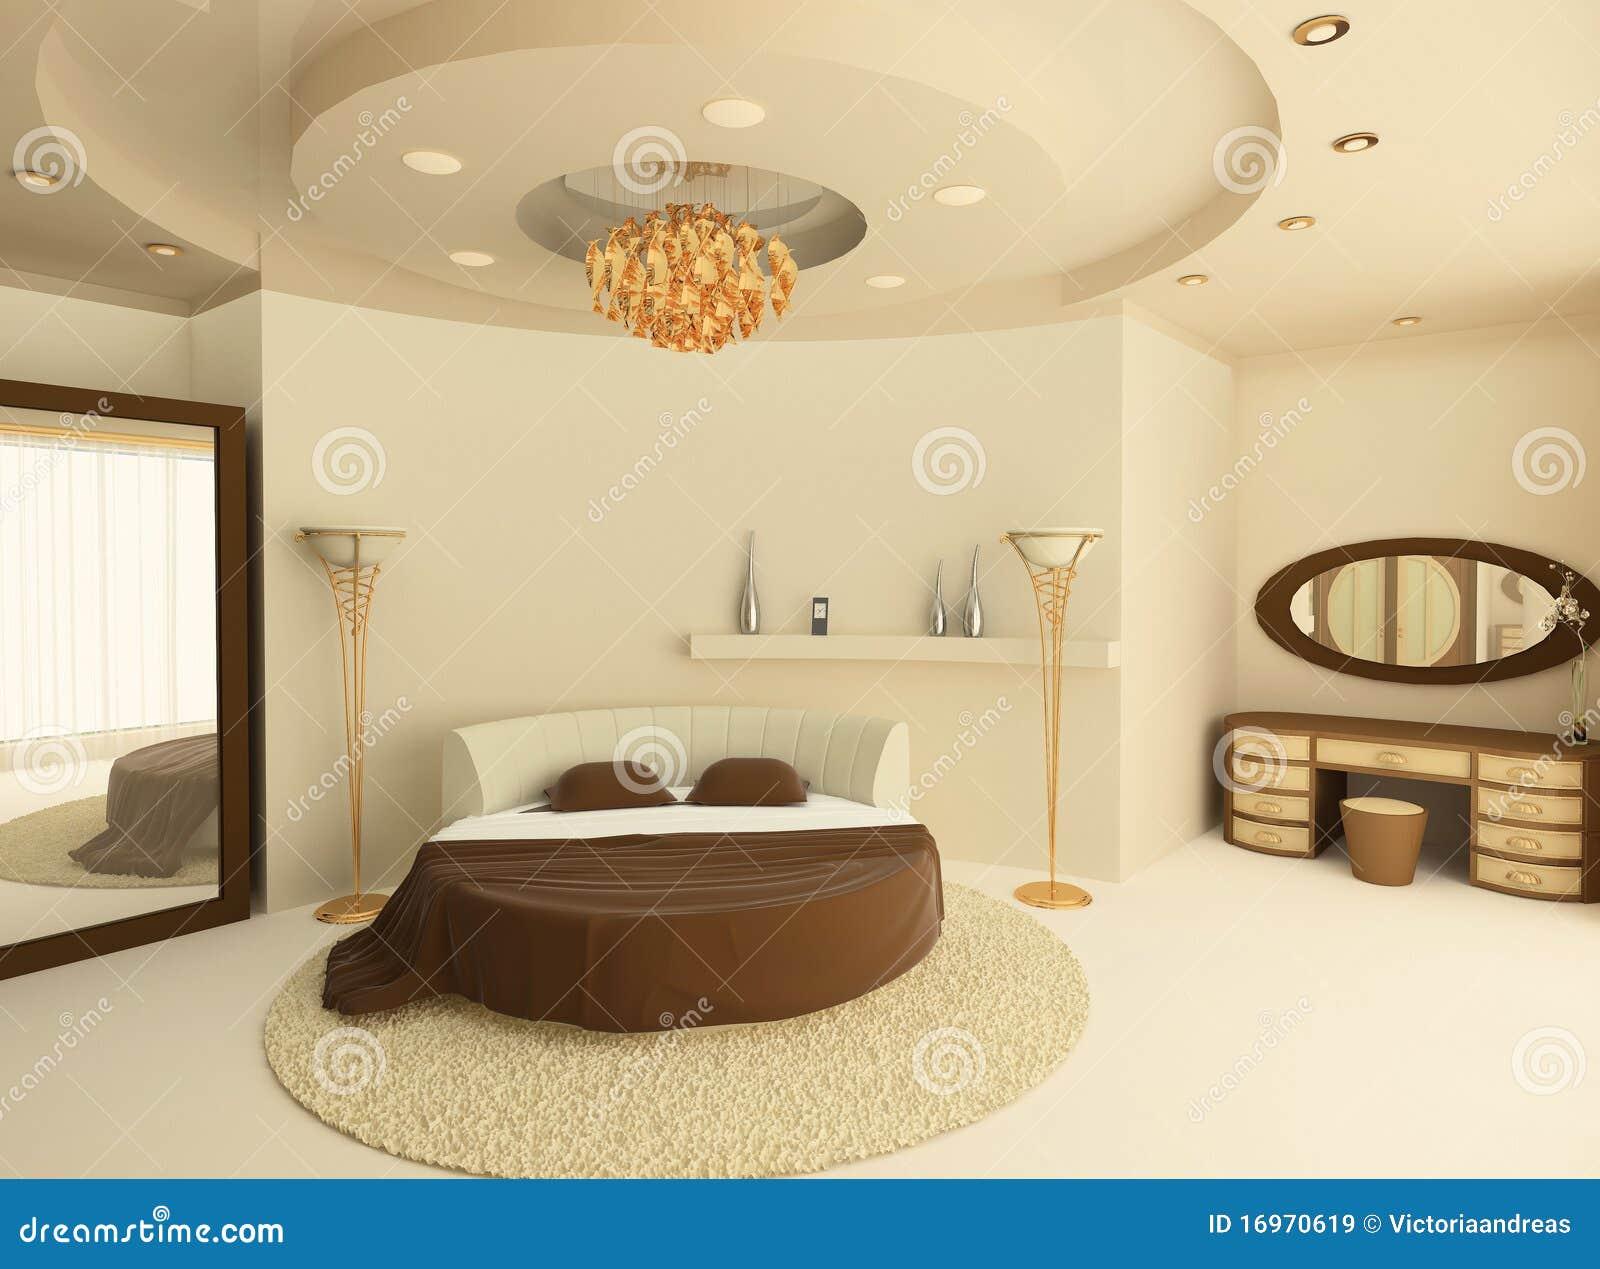 Plafond De Bureau Image libre de droits - Image: 9731766